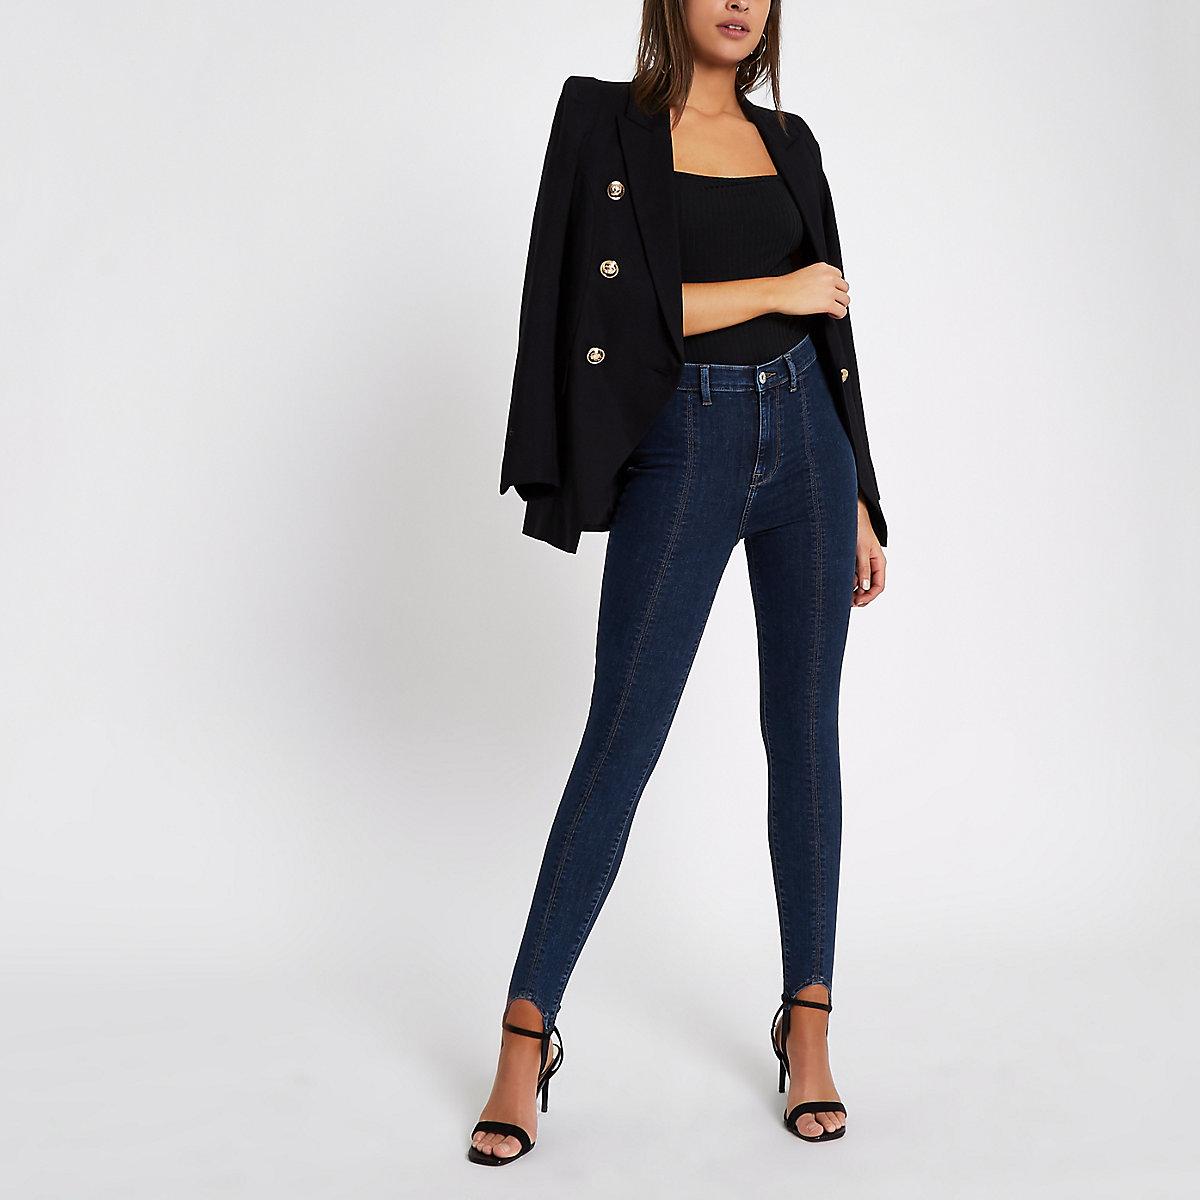 Harper - Middenblauwe skinny jeans met bandje onder de voet